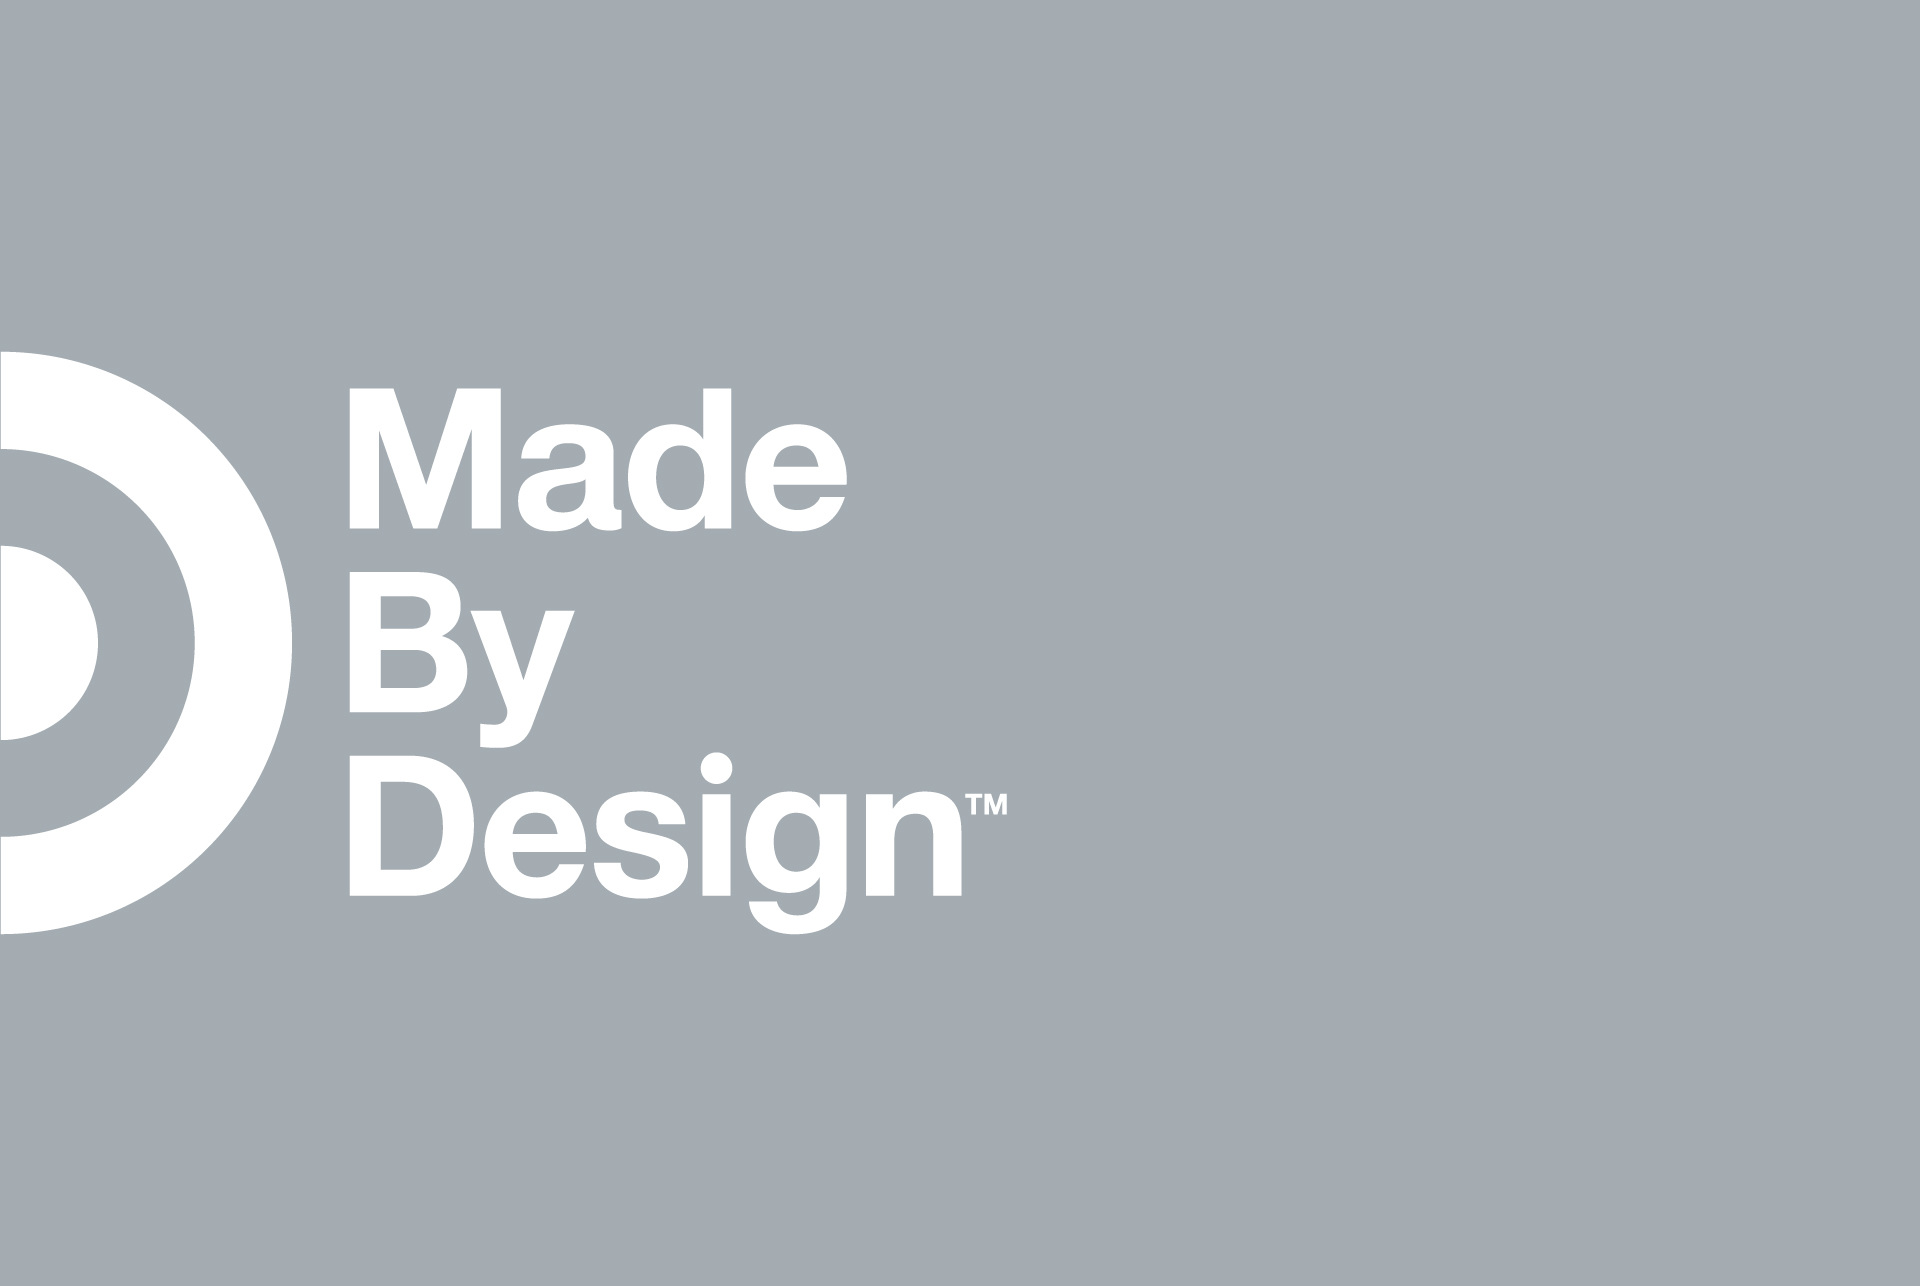 Made For Design